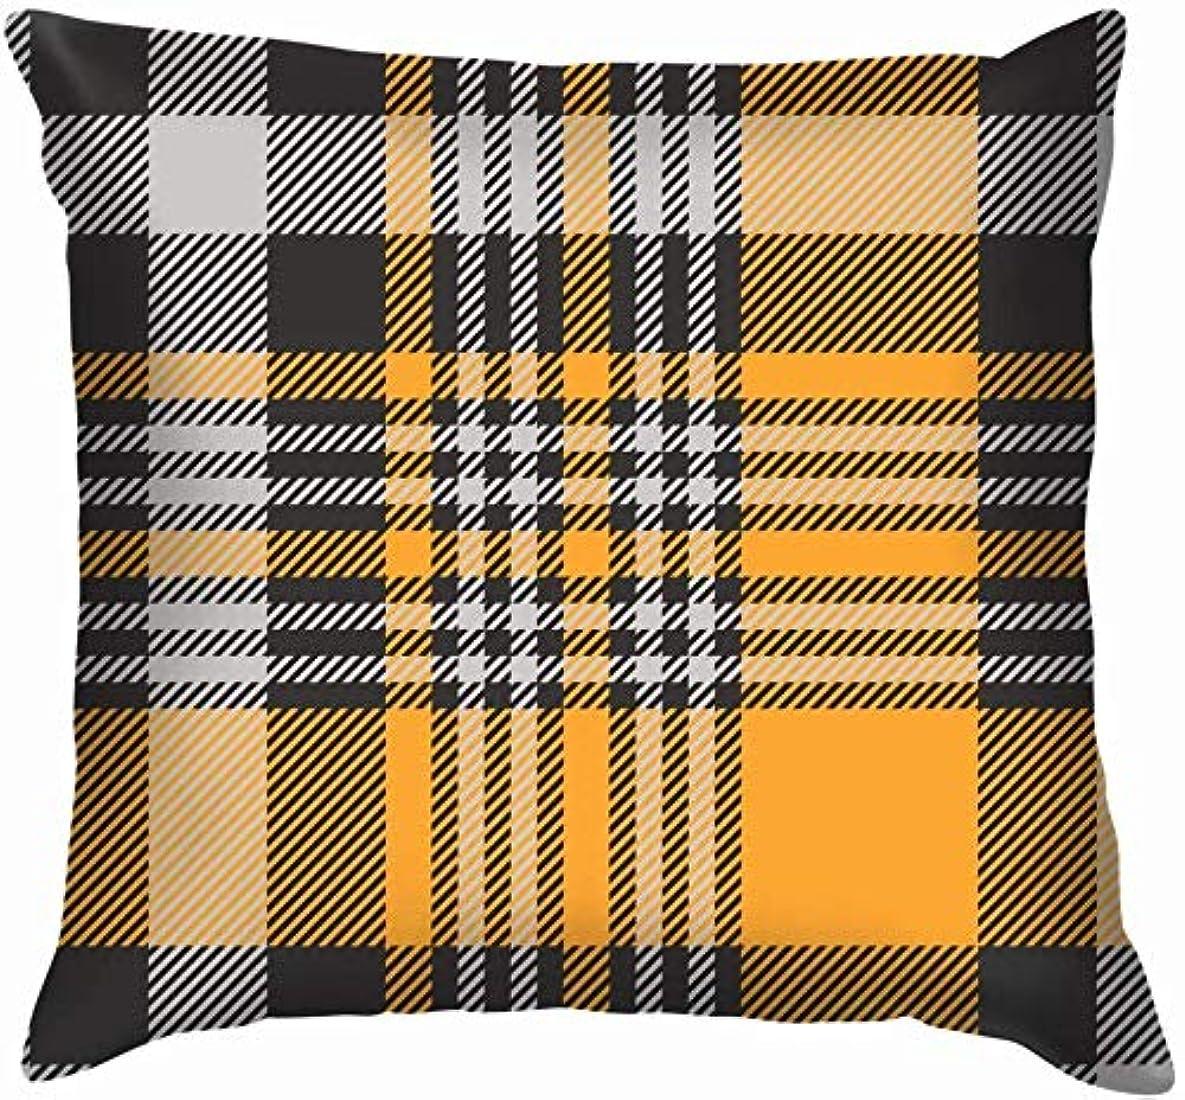 子供達さらに相互格子縞のチェックシェードグレーオレンジスロー枕カバーホームソファクッションカバー枕カバーギフト45x45 cm